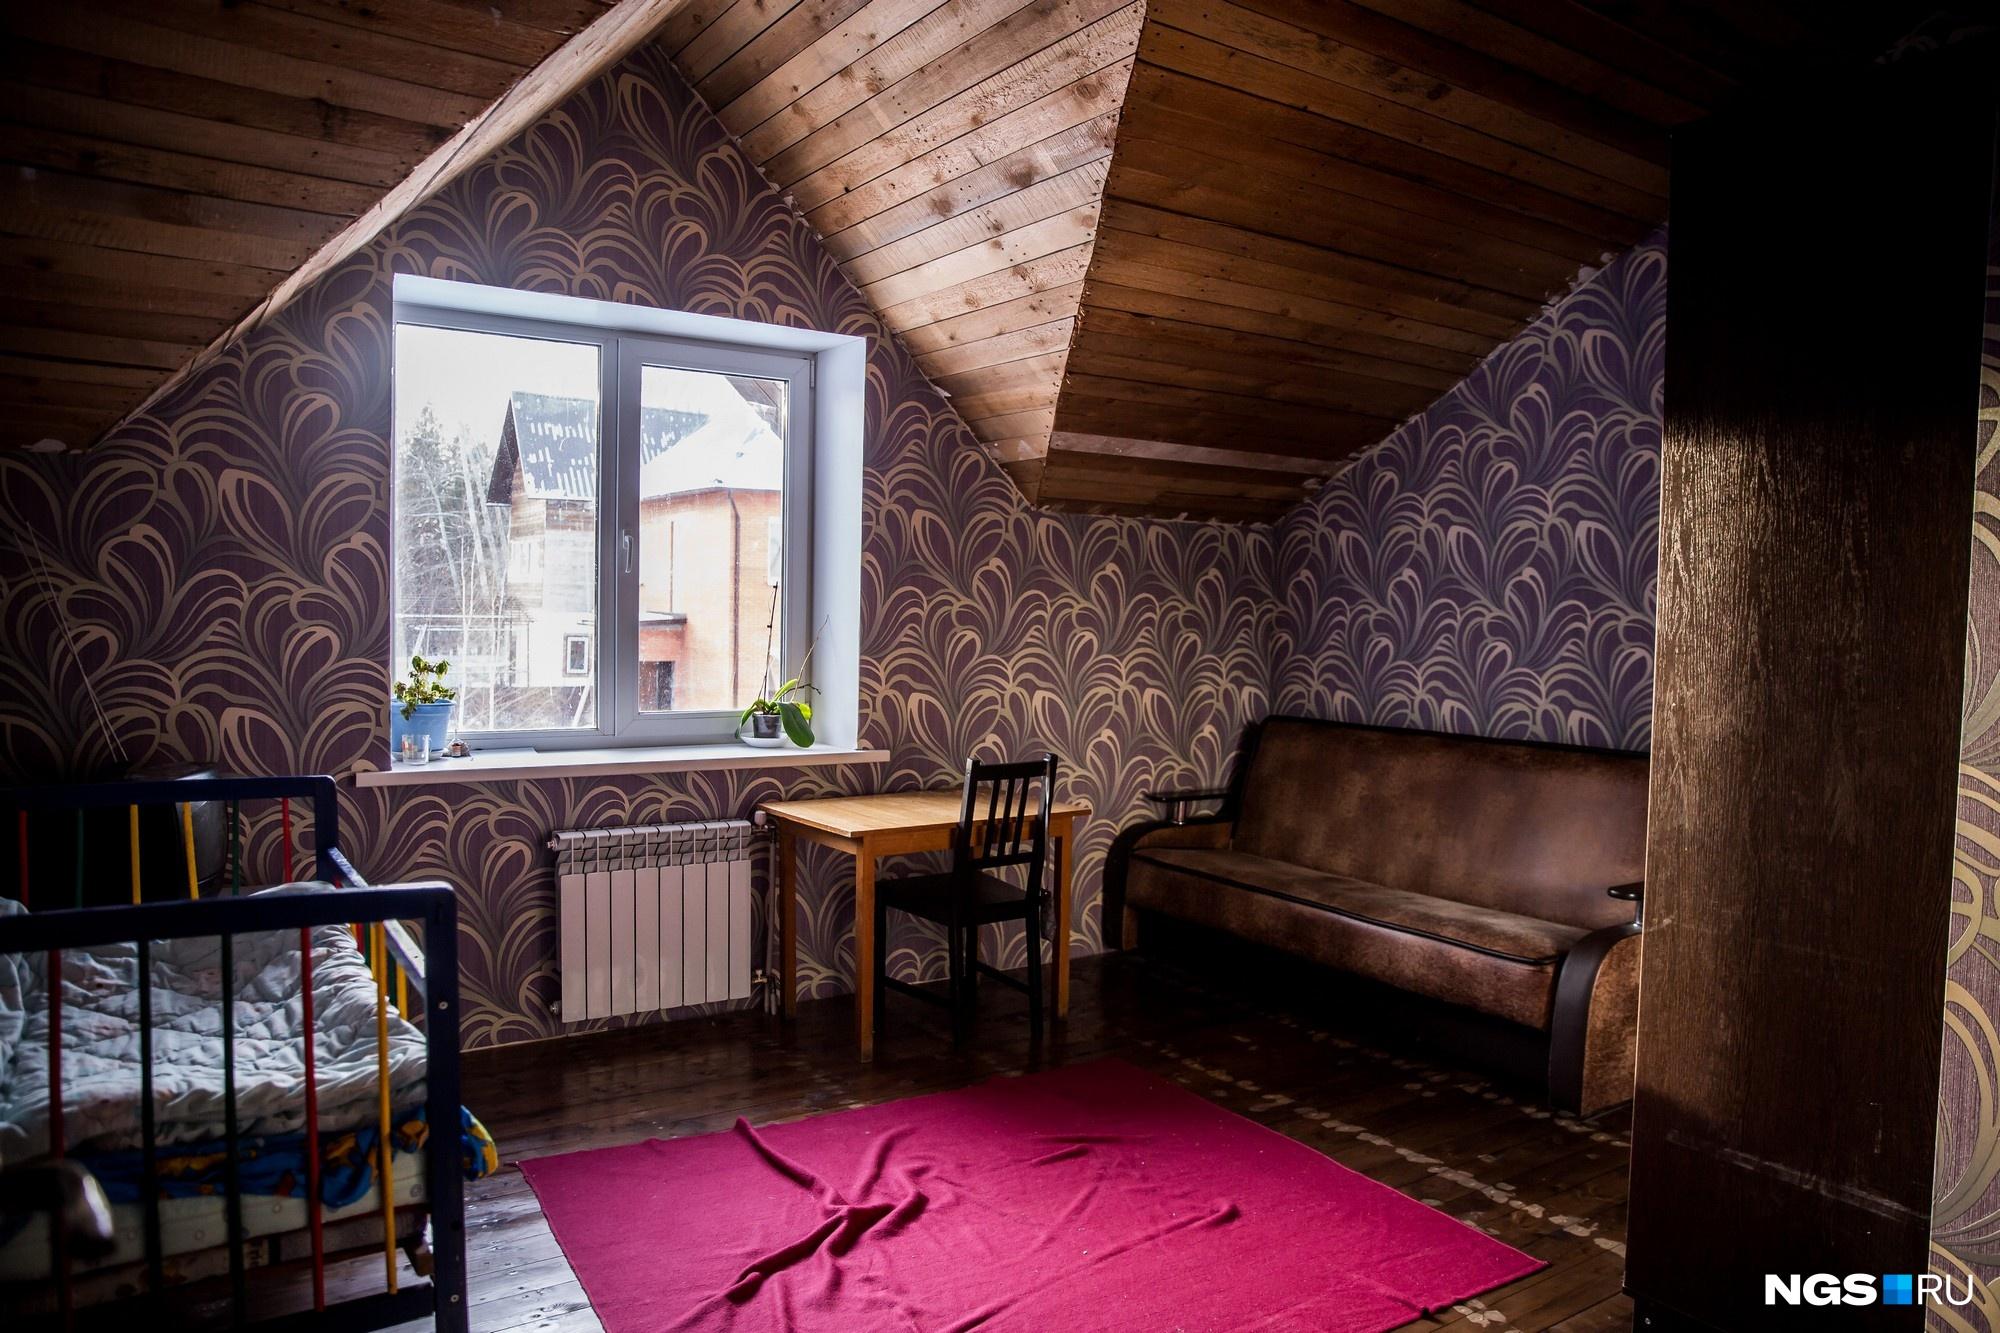 В доме шесть спален — младшие дети спят по трое, а у старших свои отдельные комнаты